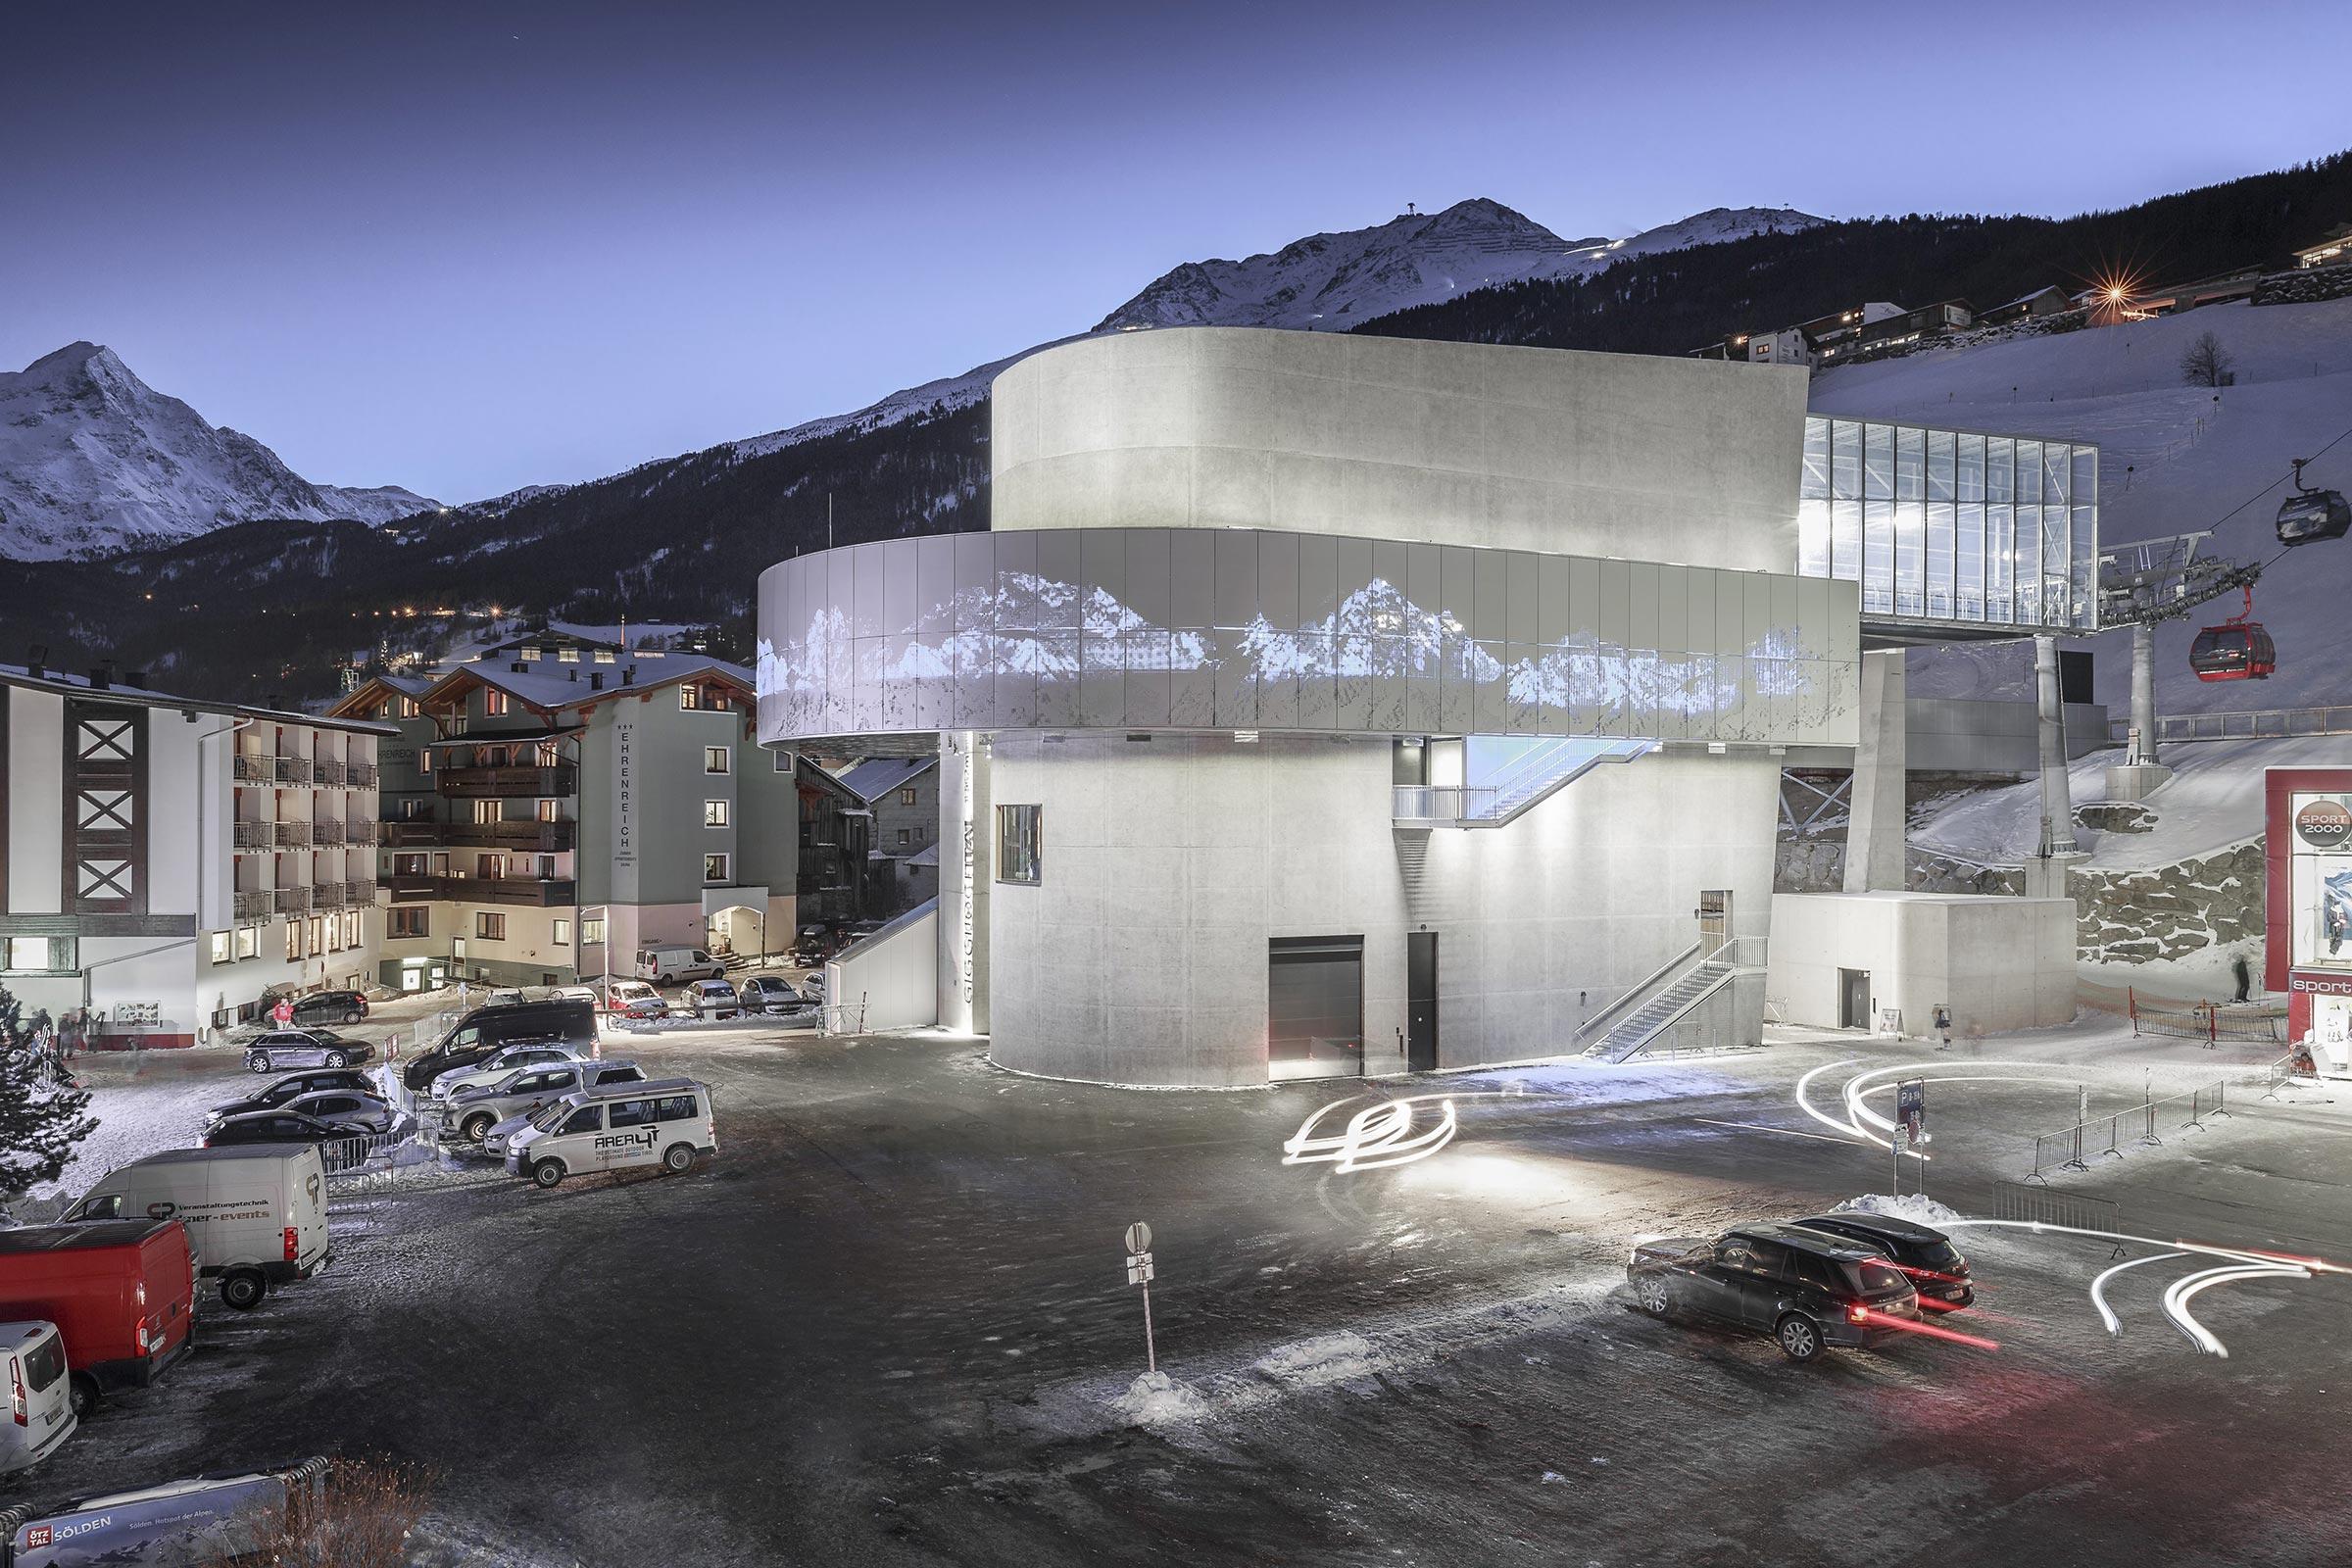 Giggijoch Talstation - Skigebiet Sölden